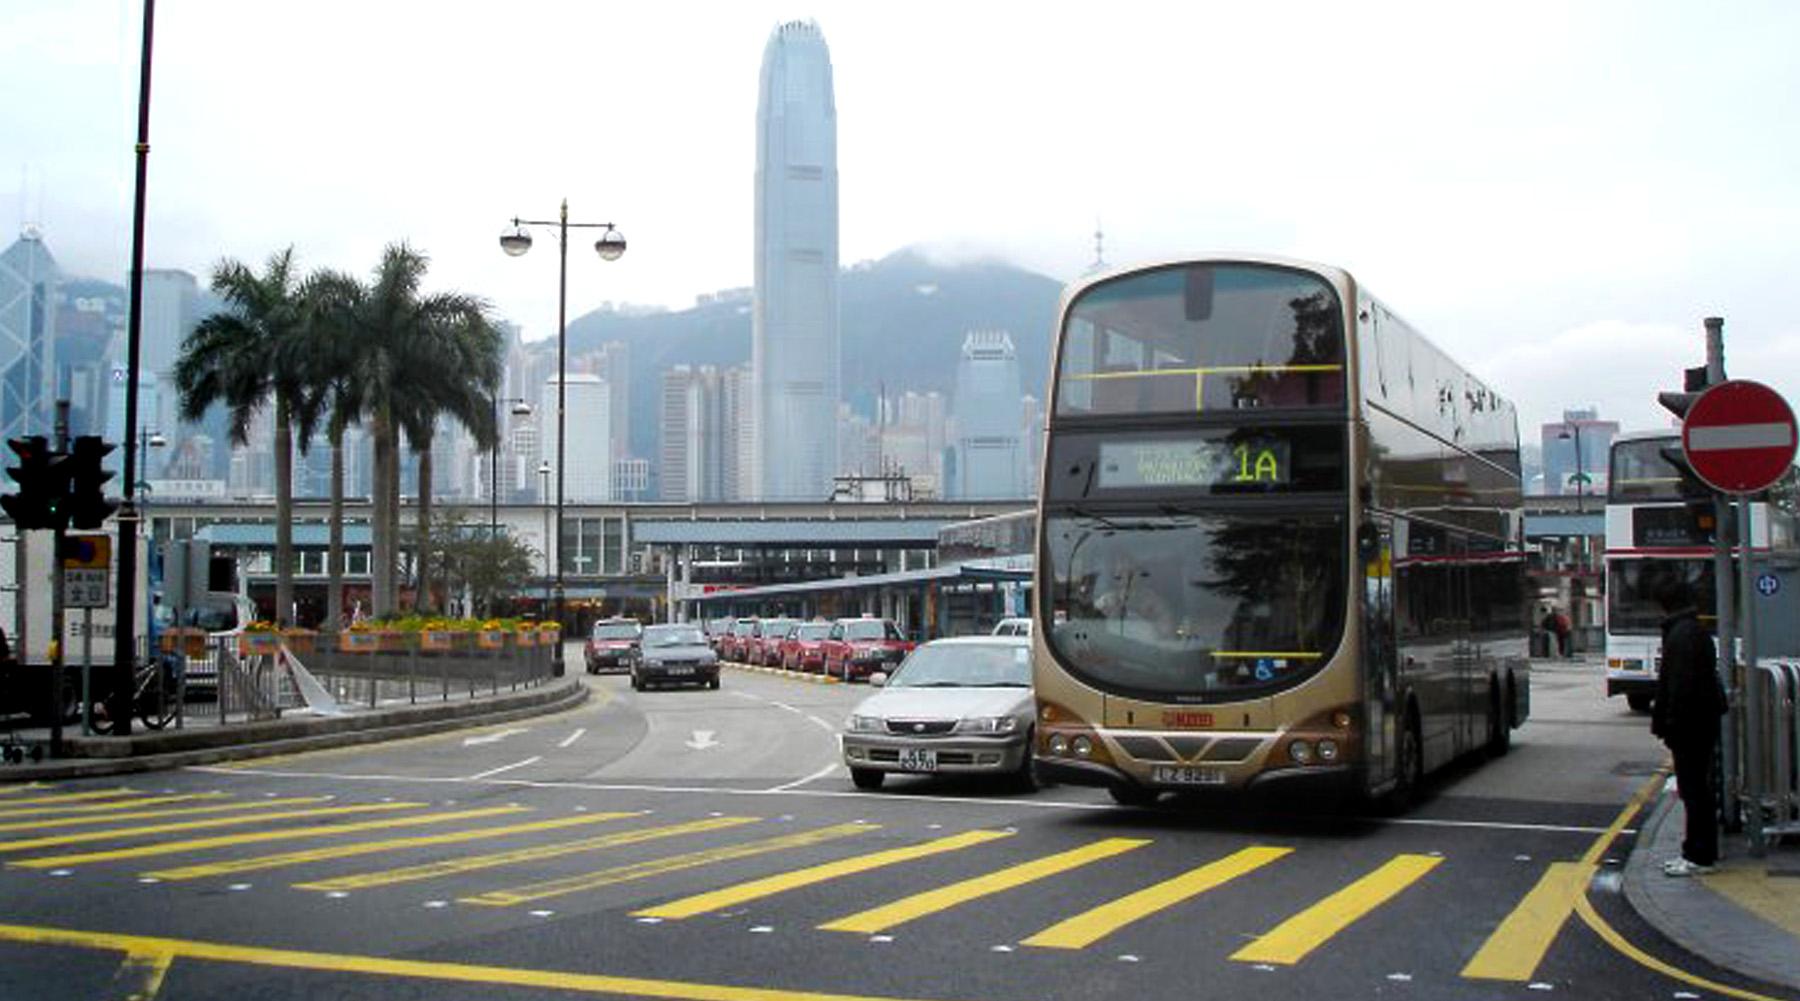 WrightBus hits the streets of Hong Kong